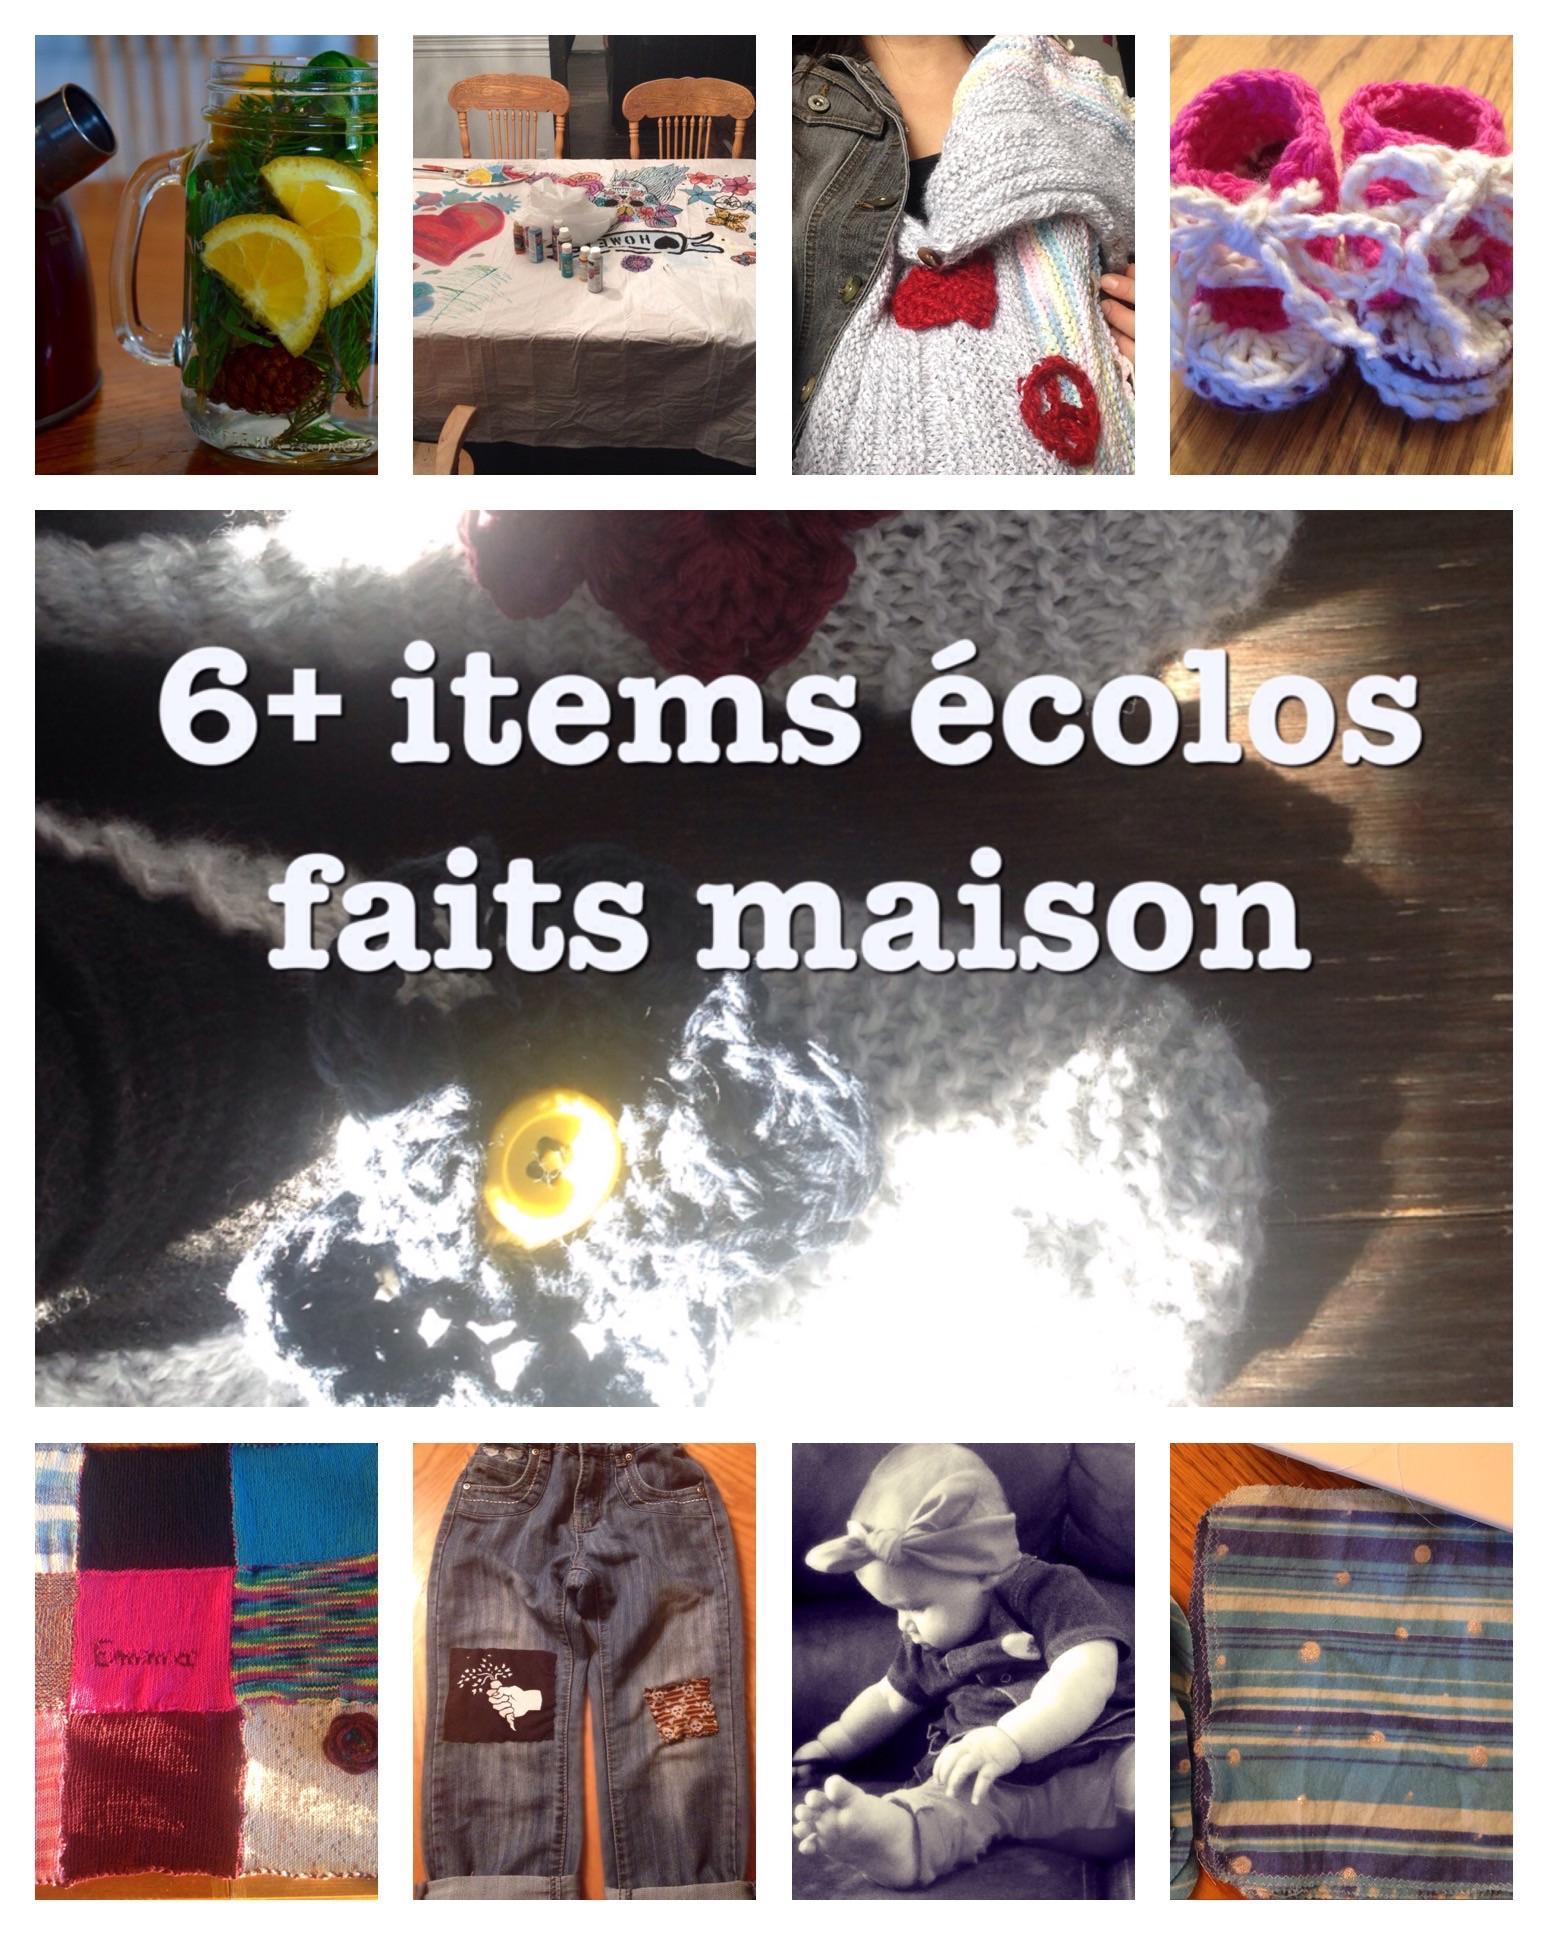 6+ items écolos faits maison, pour soi-même ou cadeaux, Blog Bonheur, zen, famille alternative | Marie-Eve Boudreault, auteure image